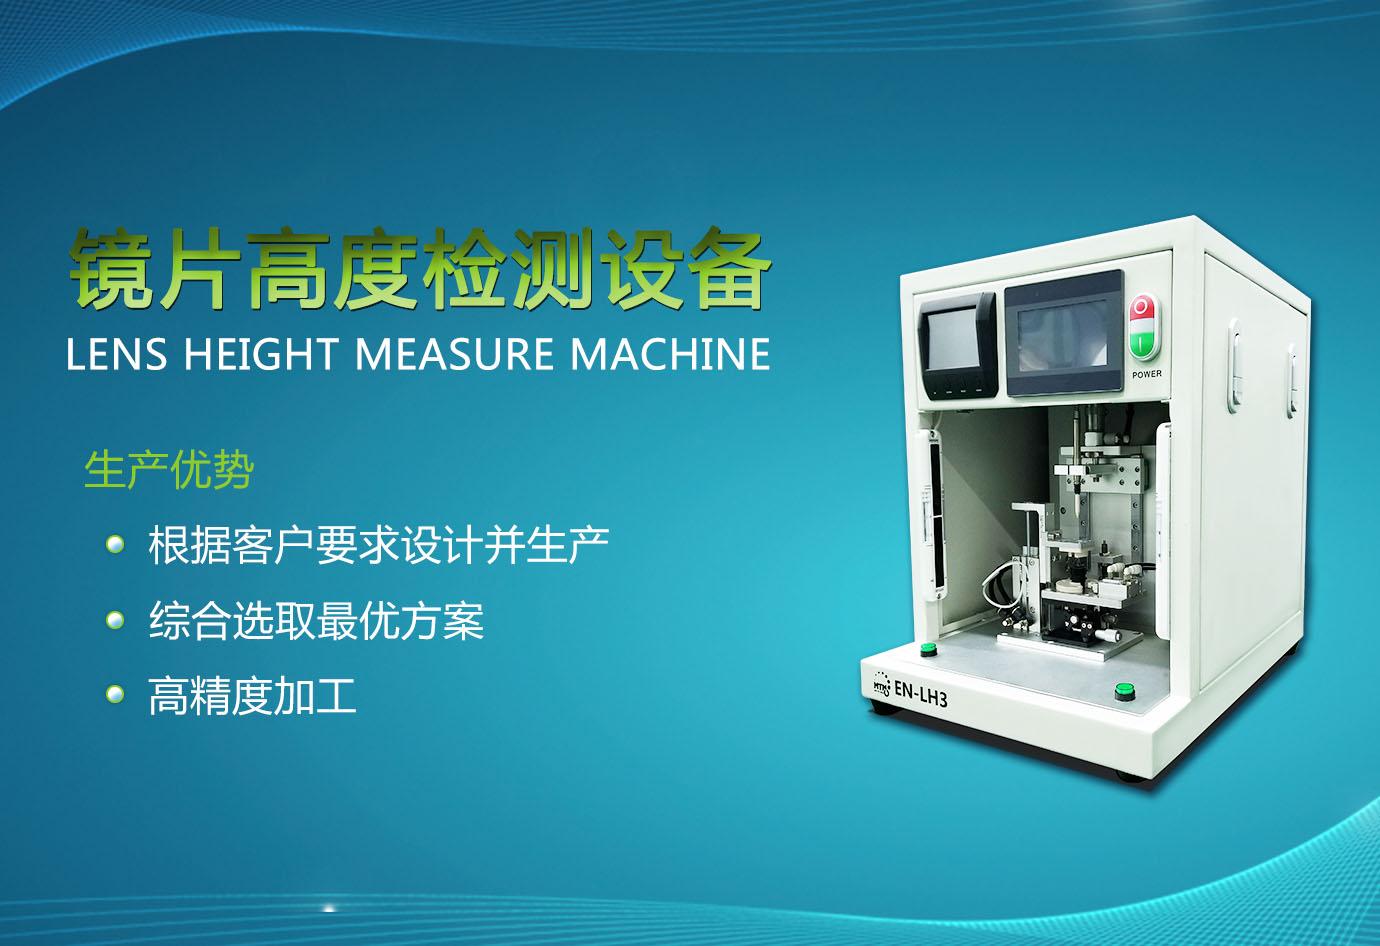 LENS HEIGHT MEASURE MACHINE 【EN-LH3】